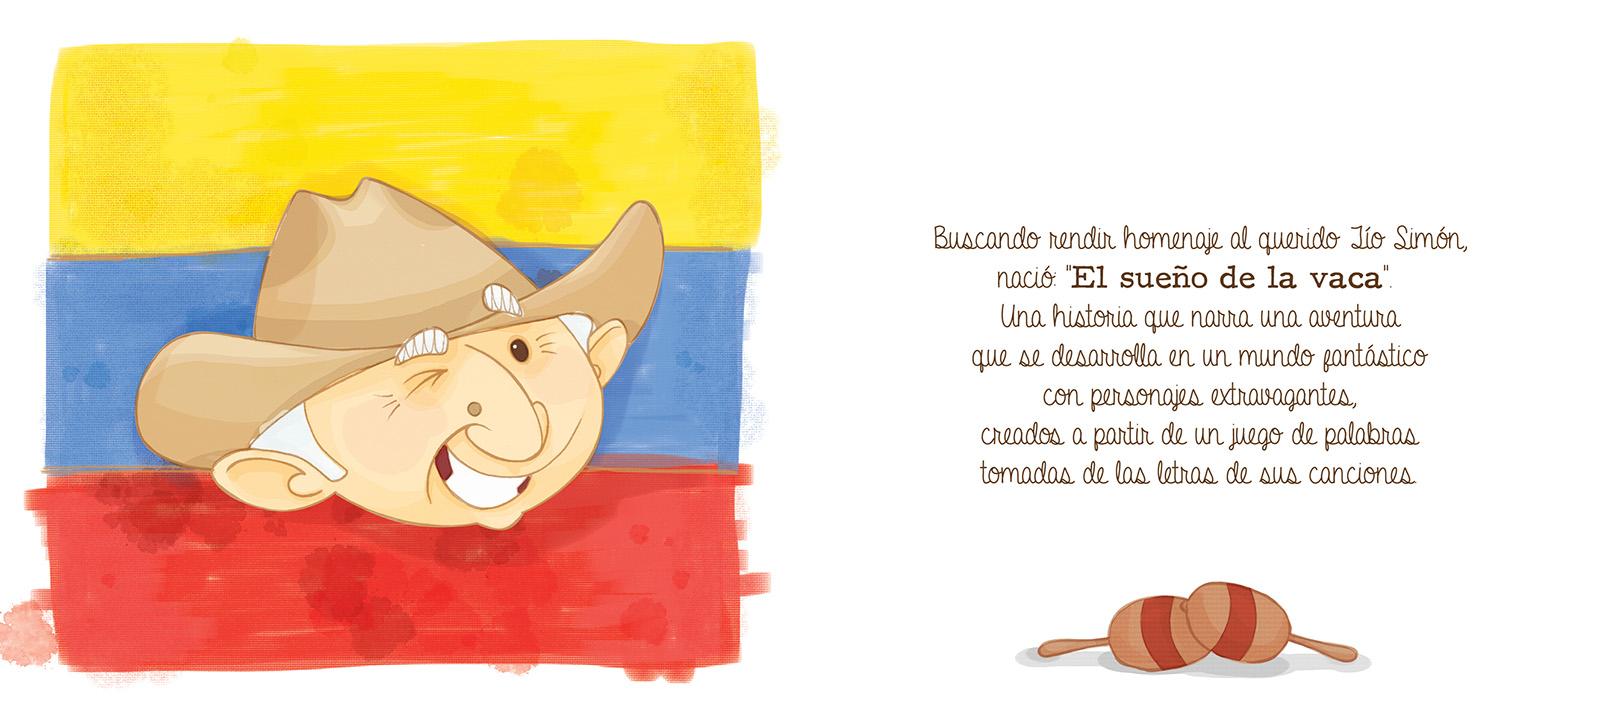 Ane Rodríguez - El Sueño de la Vaca